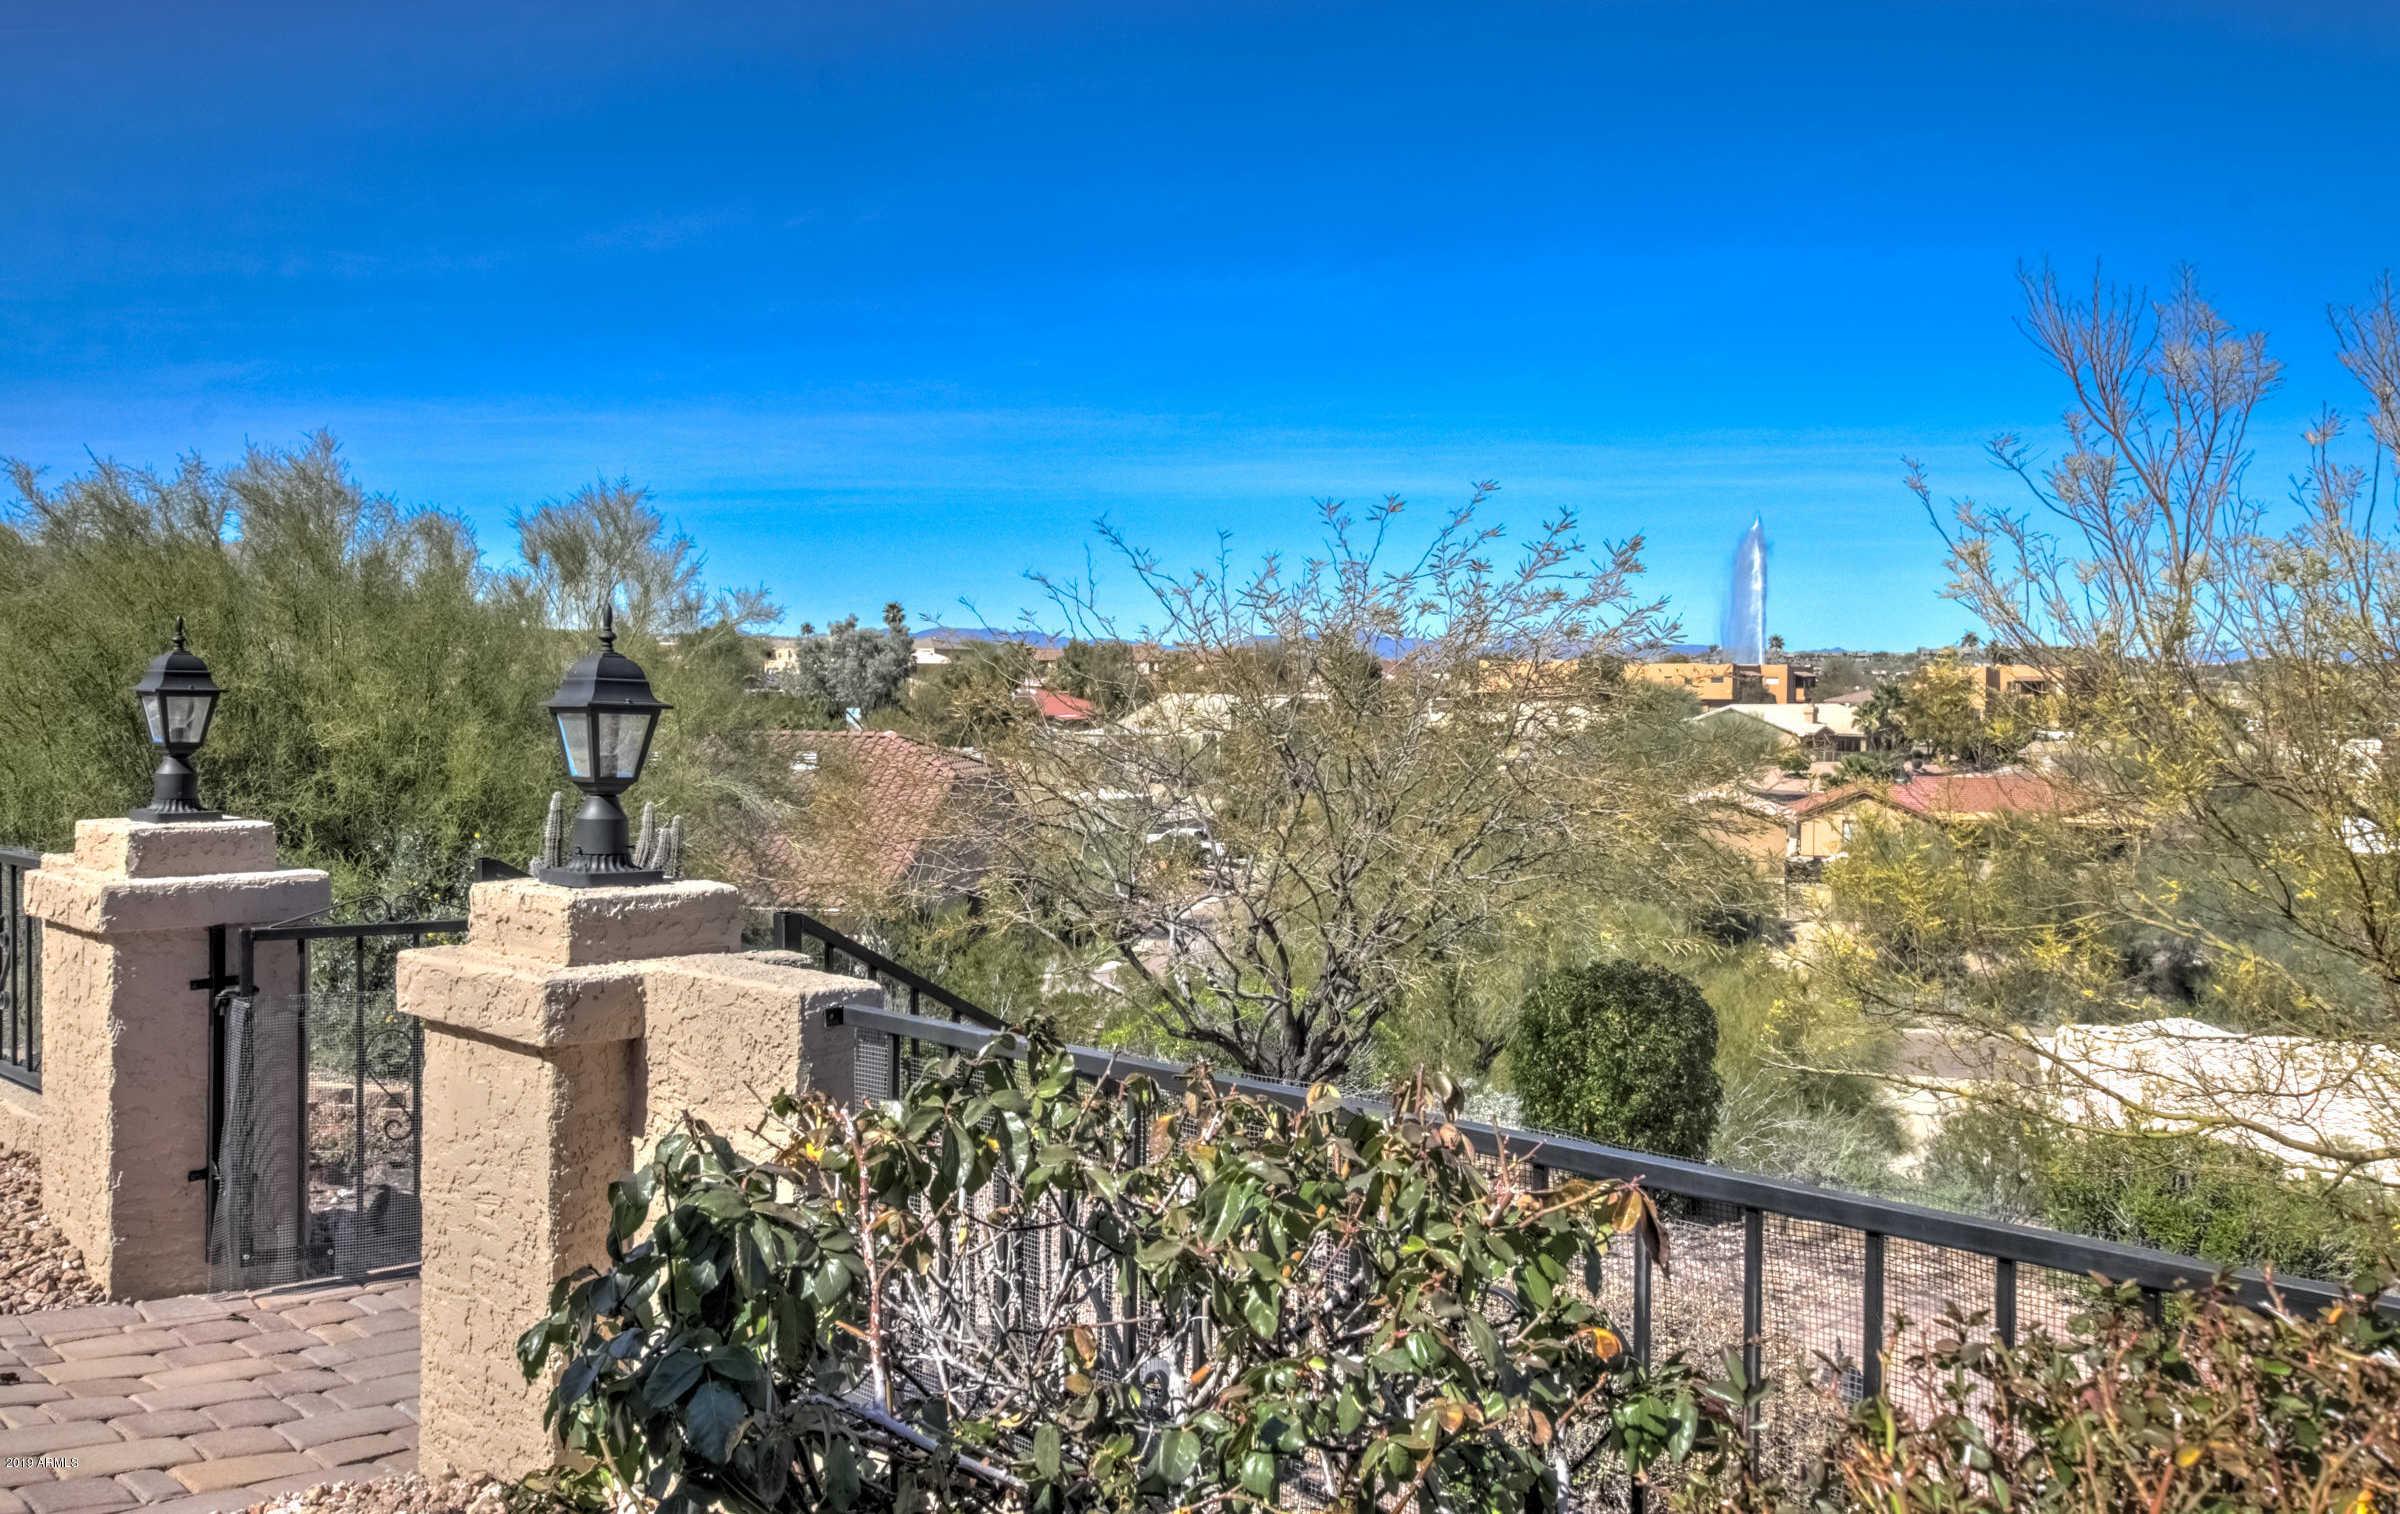 MLS# 5892874 - 17046 E Rand Drive, Fountain Hills, AZ 85268 - Team